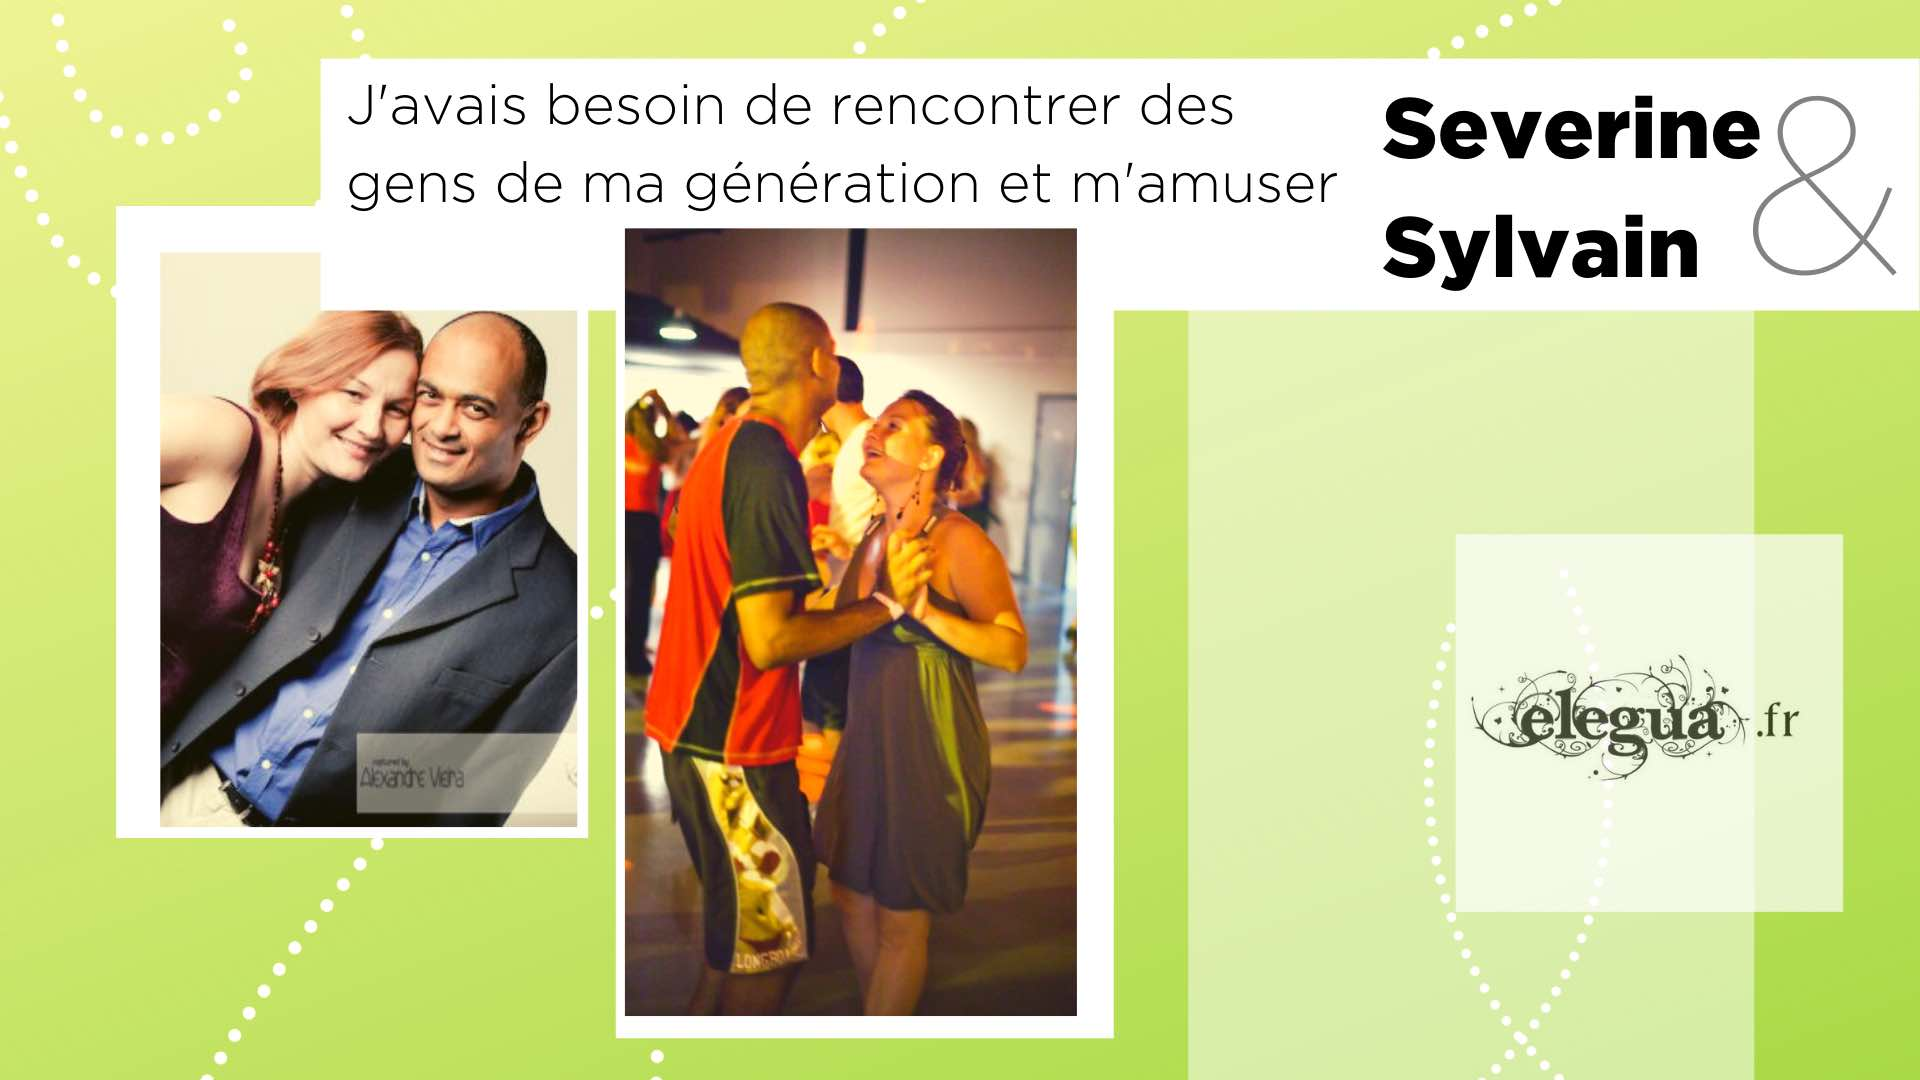 Ils ont rencontré l'amour chez Elegua Severine et Sylvain. Pour la Saint-Valentin 8 couples nous partagent leur histoire...